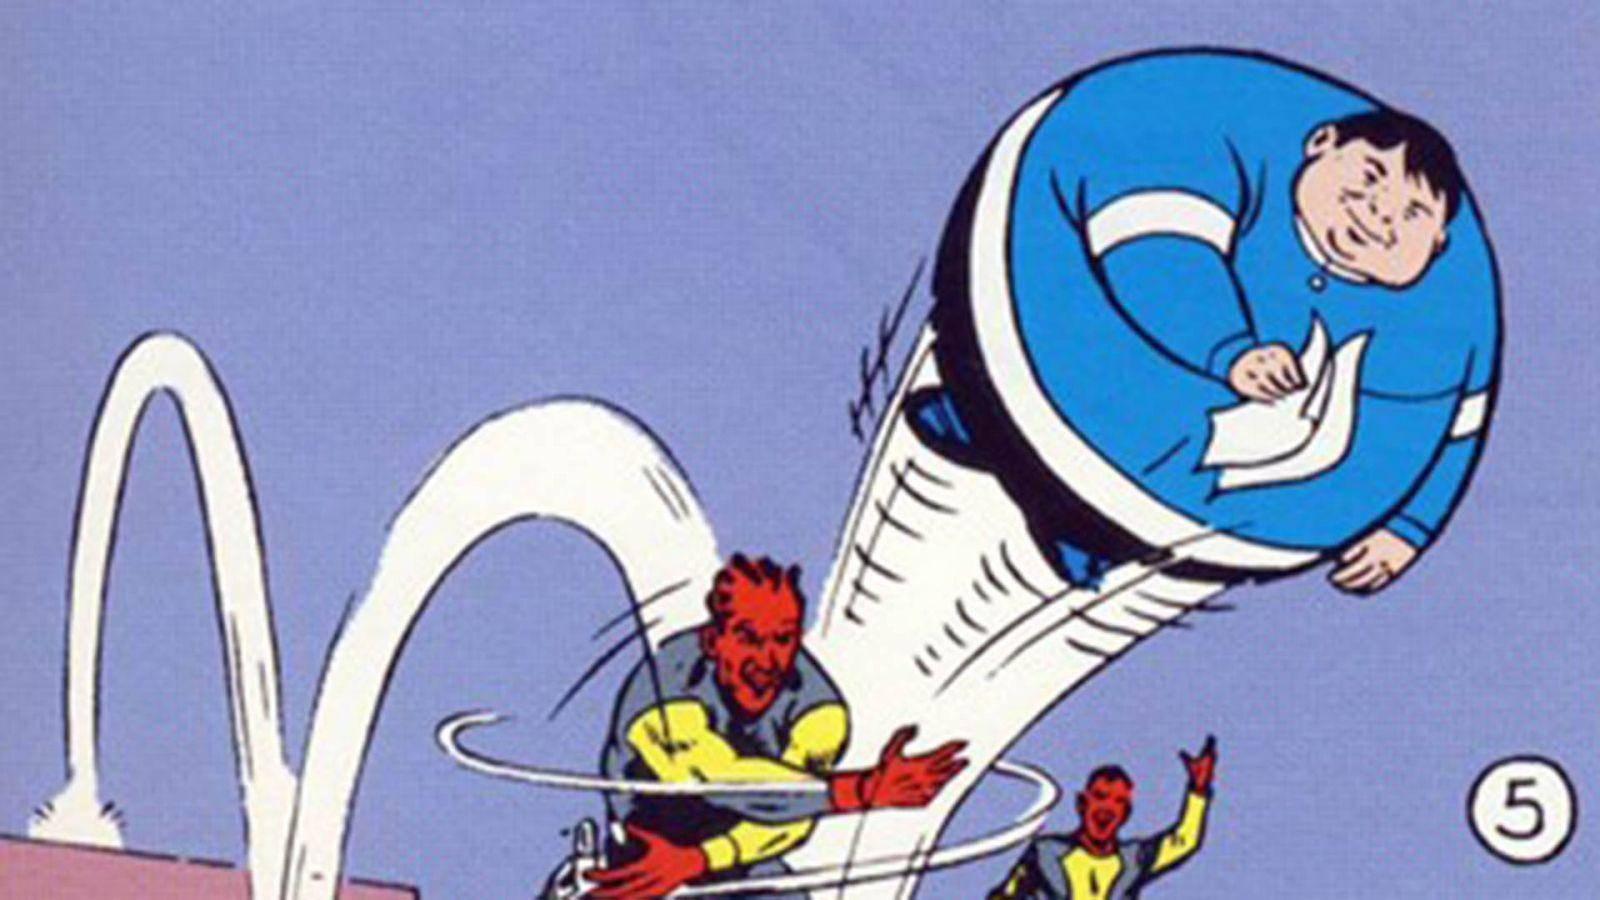 Primera aparicion: Action Comics # 276 (Mayo de 1961)